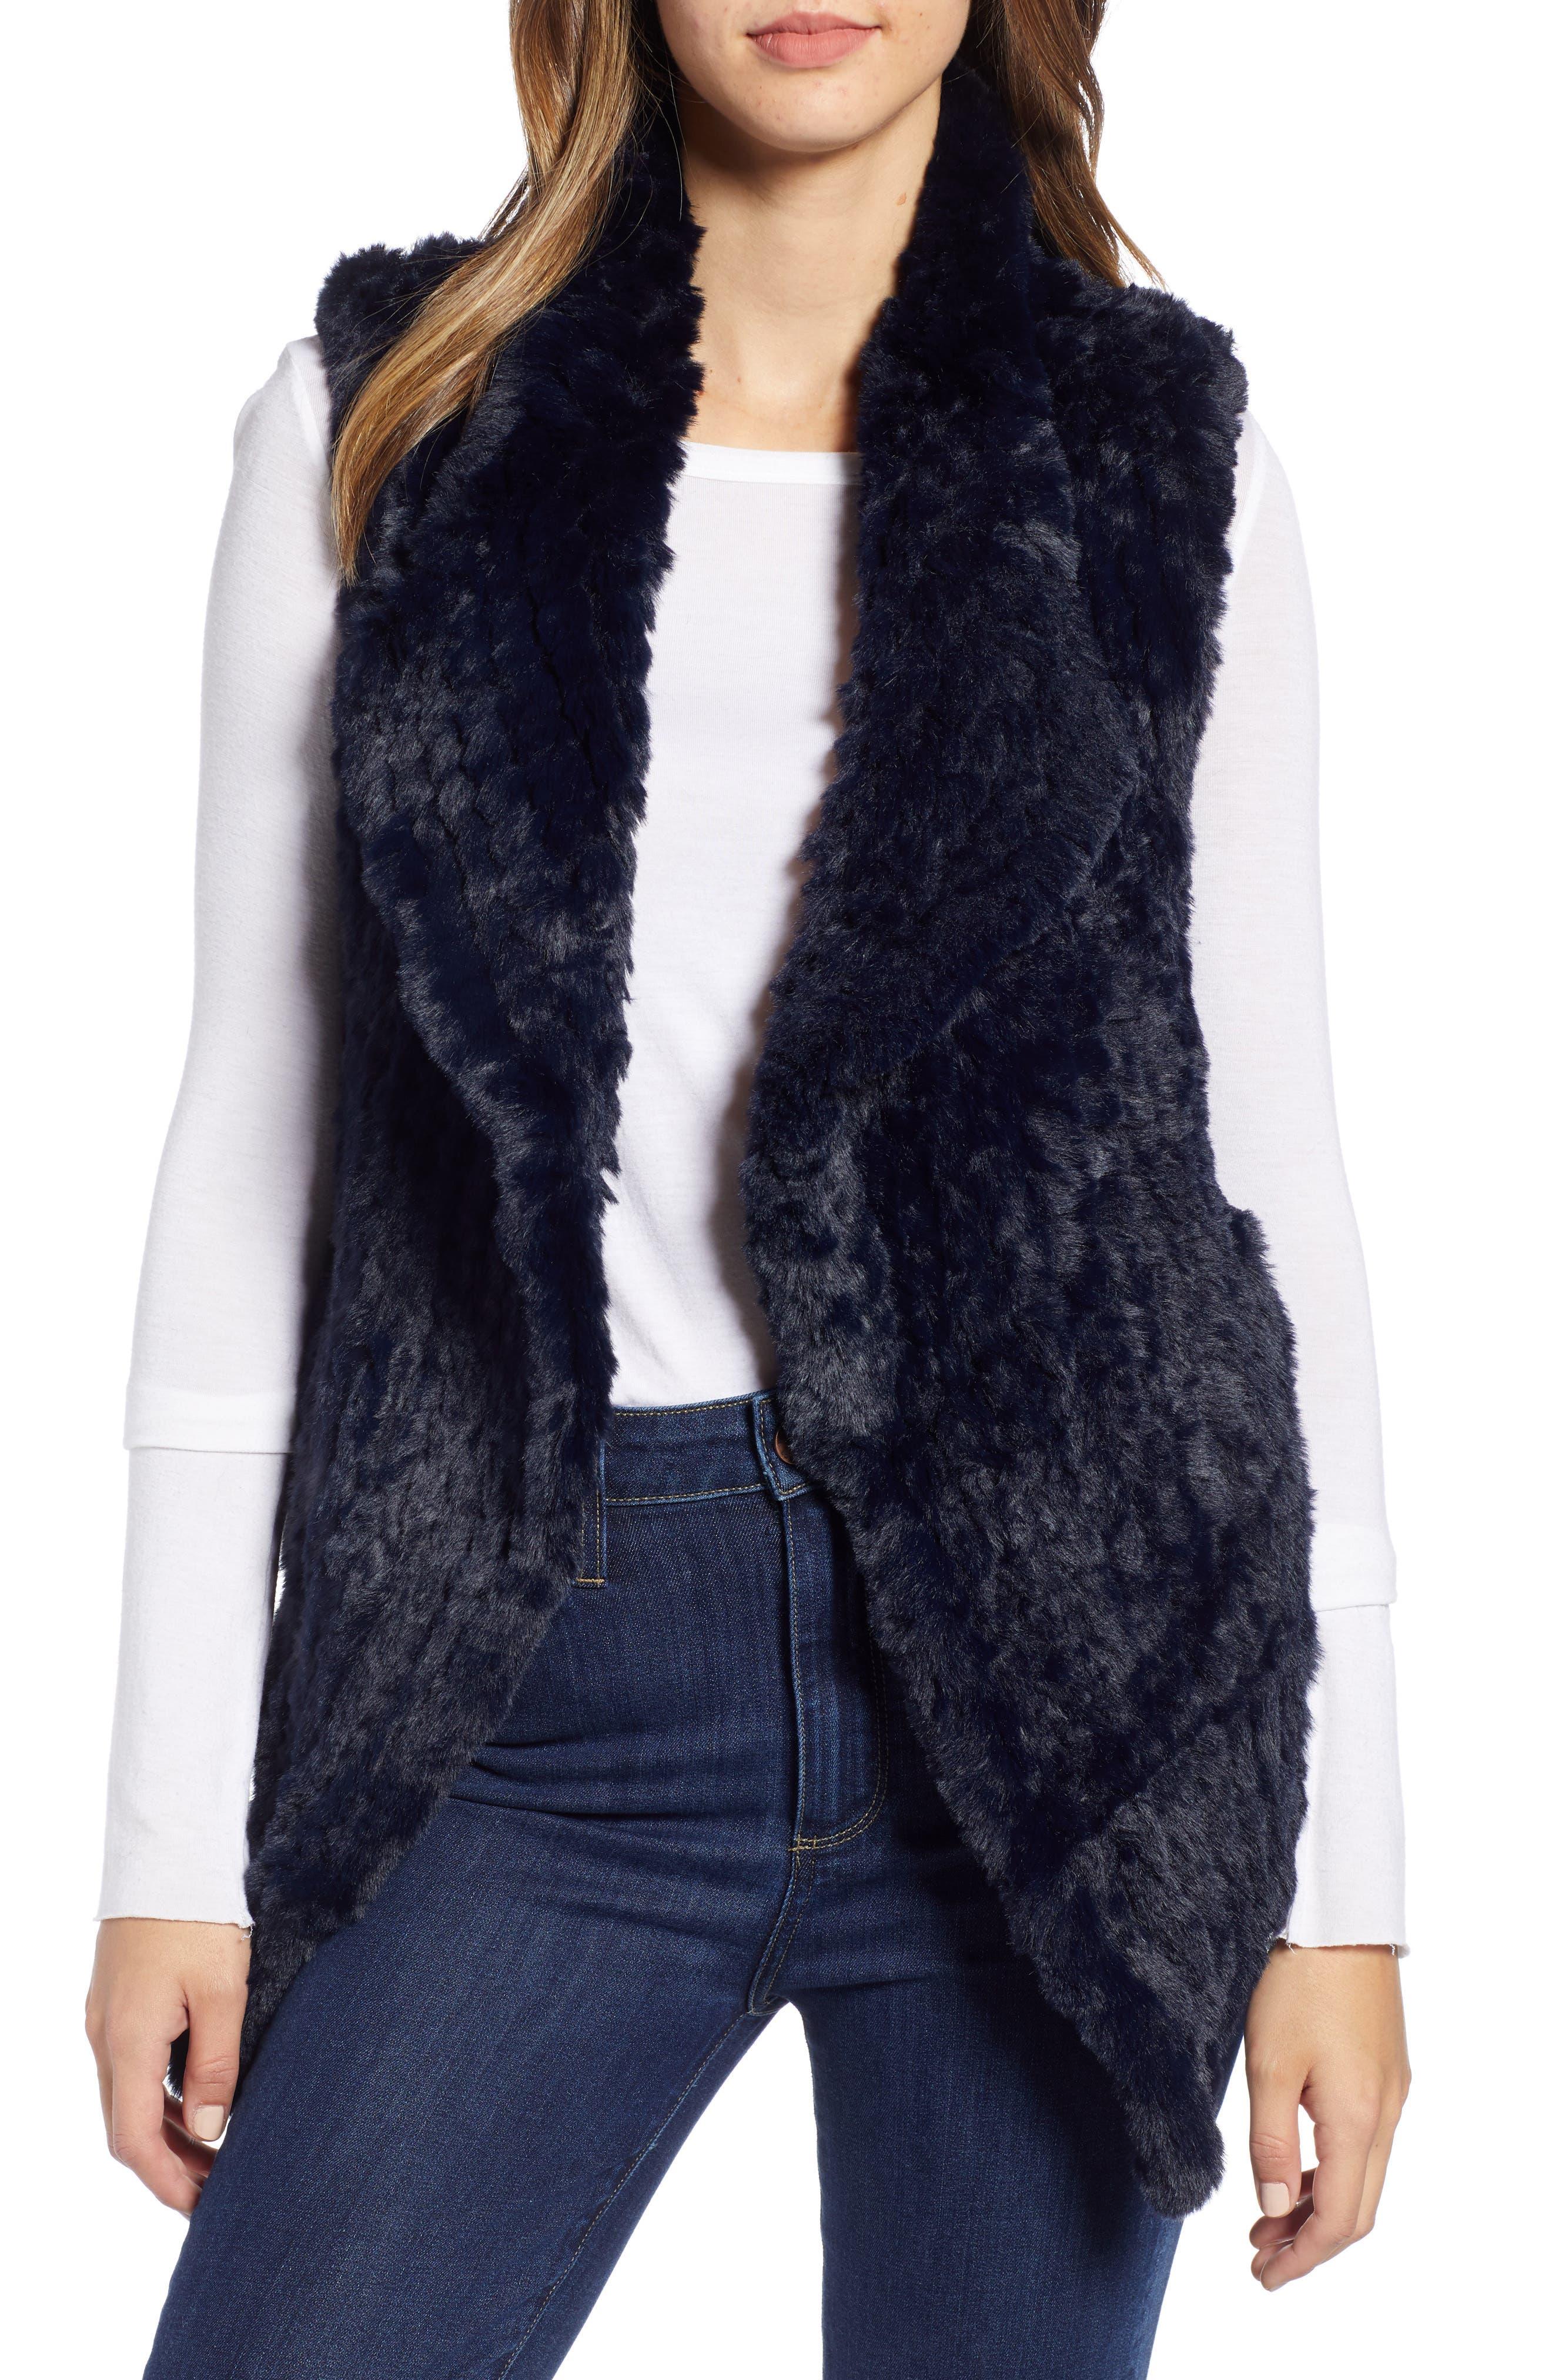 LOVE TOKEN, Faux Fur Vest, Main thumbnail 1, color, NAVY